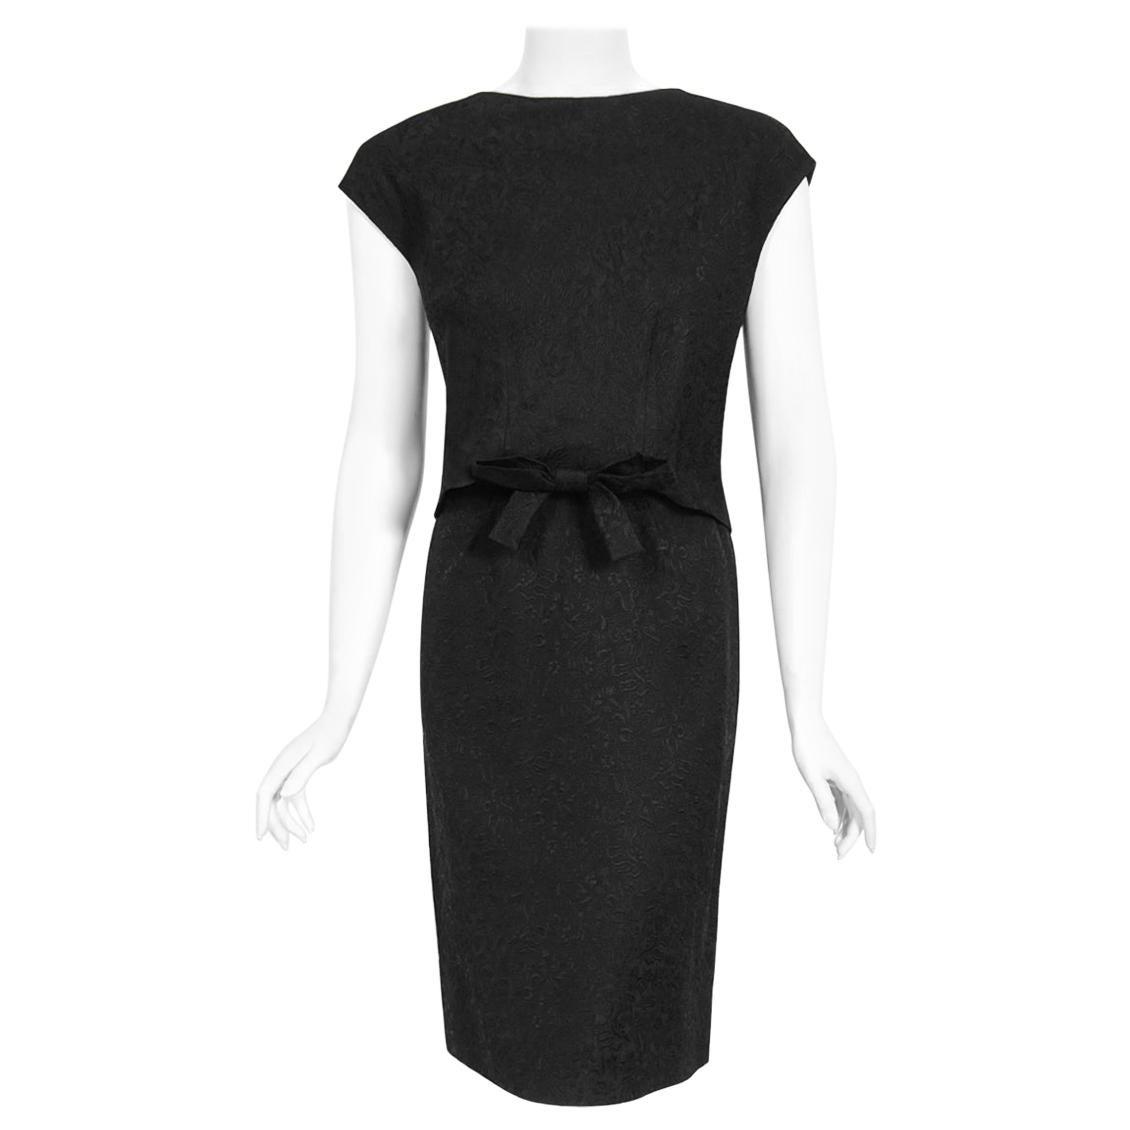 Vintage 1961 Eisa Balenciaga Haute Couture Black Silk Sculpted Bow Cut-Out Dress